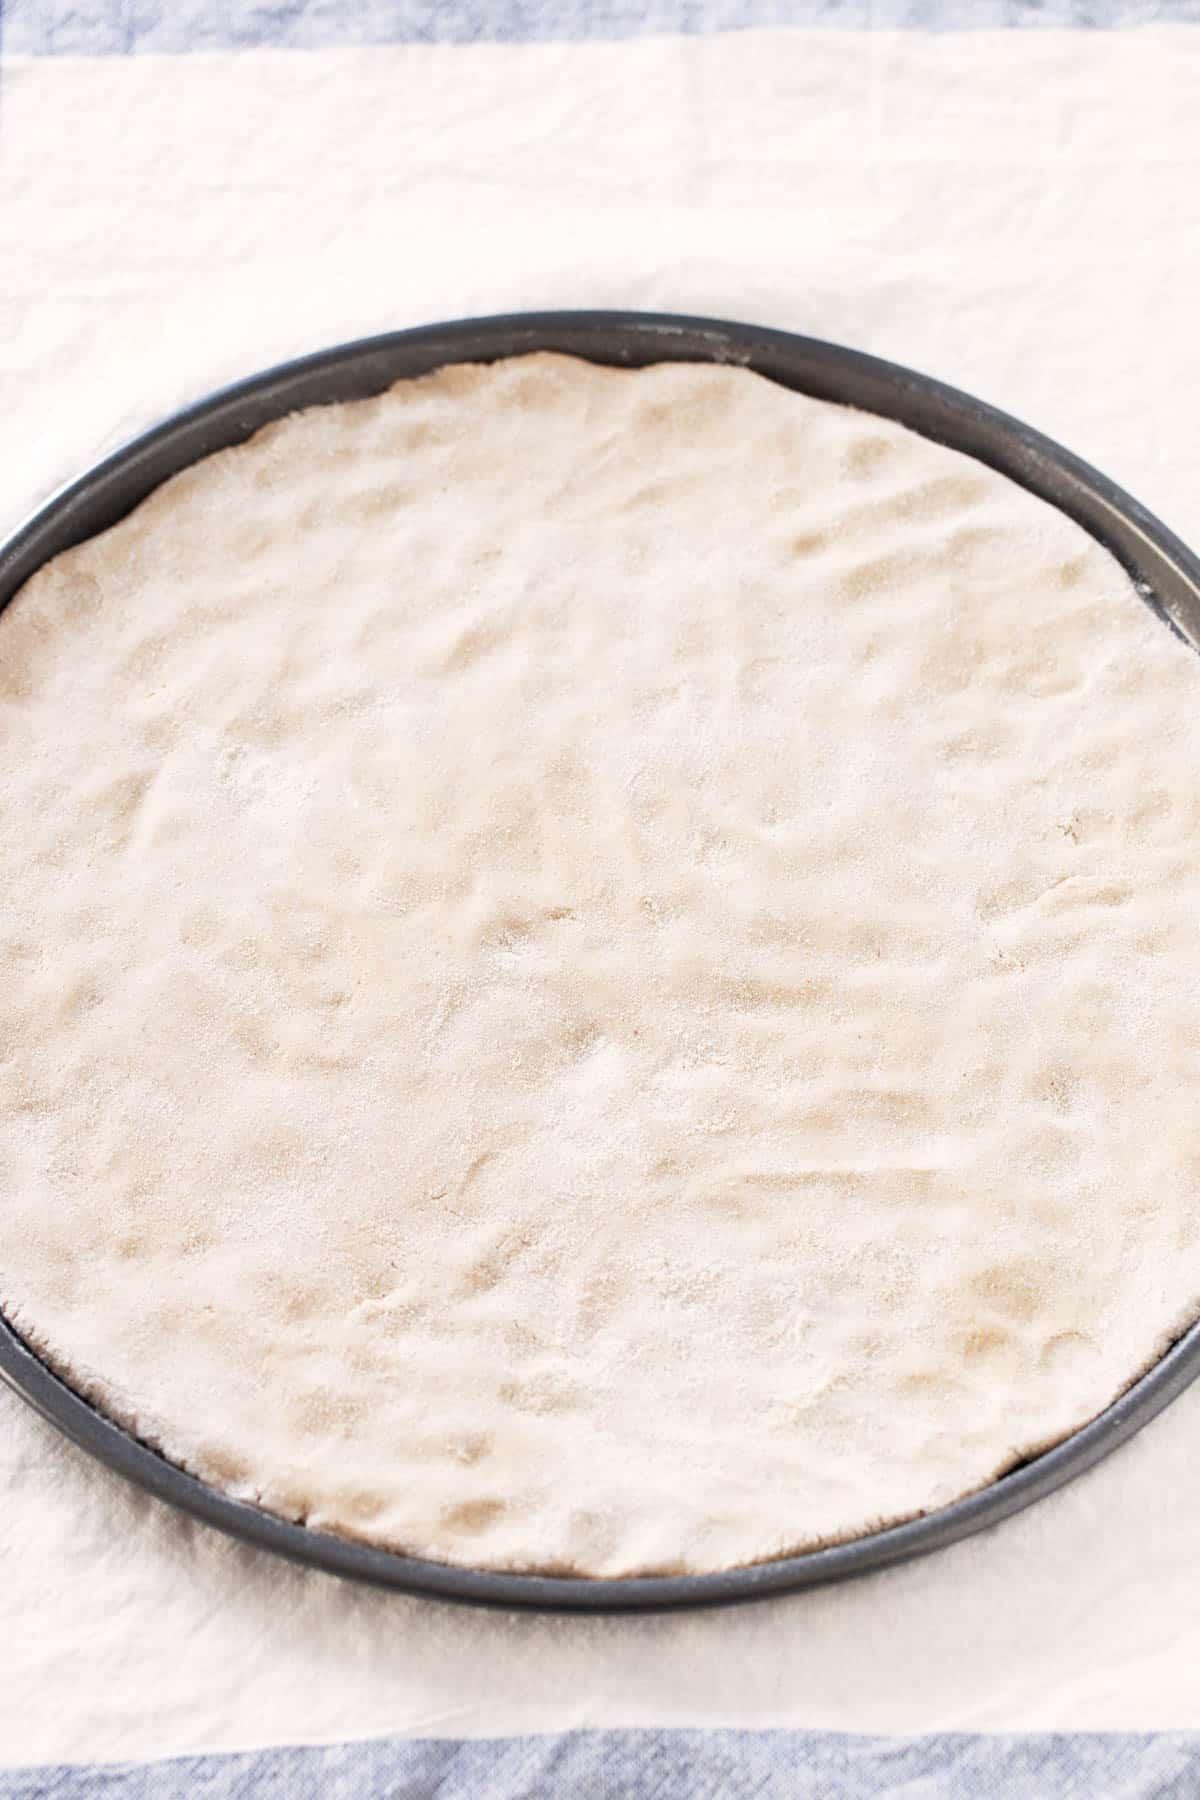 Masa de Pizza Sin Gluten.- Para hacer esta base de pizza sin gluten sólo se necesitan 3 ingredientes. Es baja en grasa, no lleva levadura y se prepara en un momento.